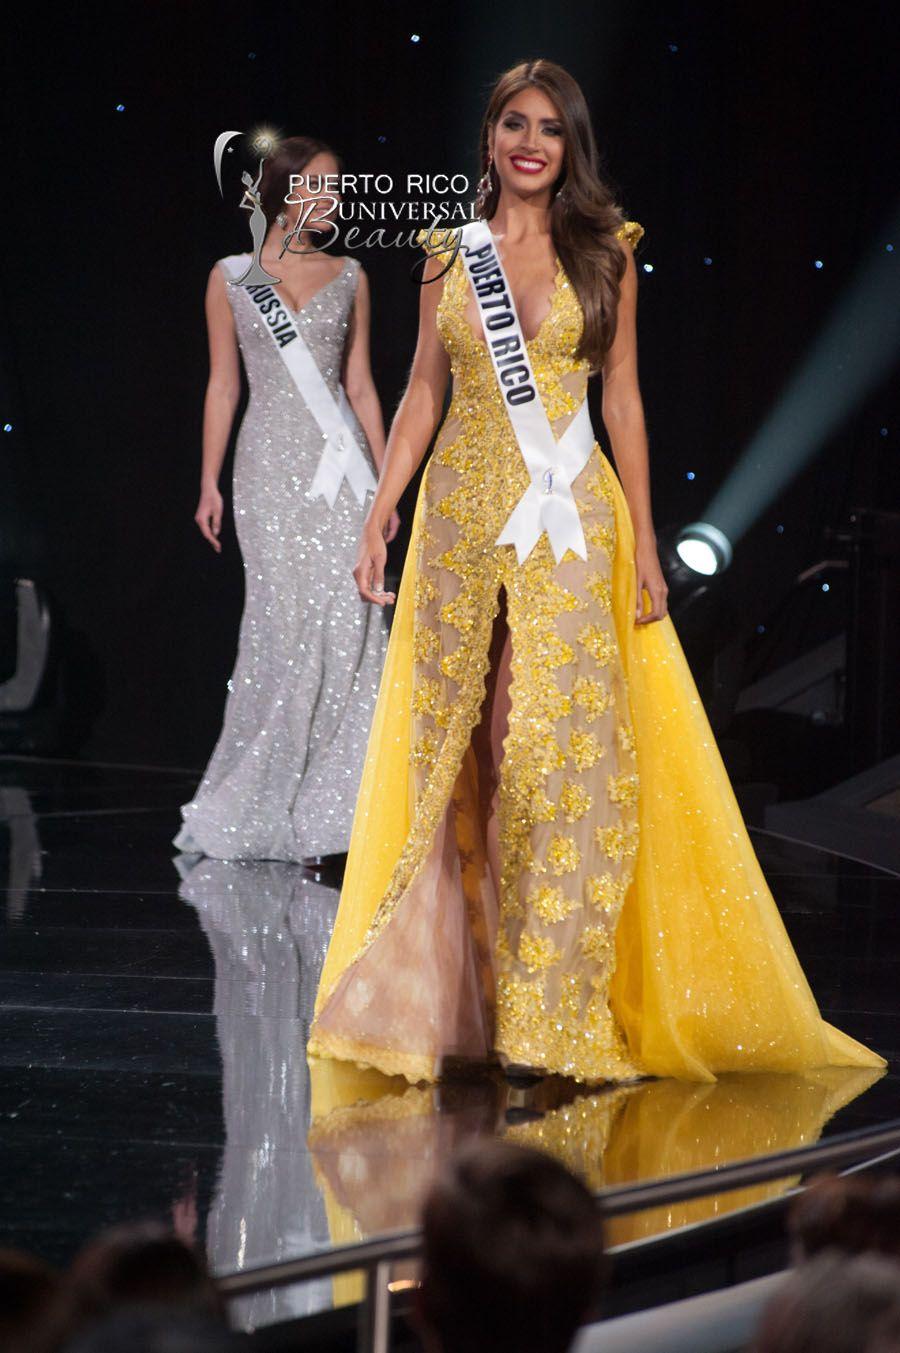 copia de evening gown de miss puerto rico 2015. 30d1d6d4d96dbf526ae6df4cf5dbd8ce